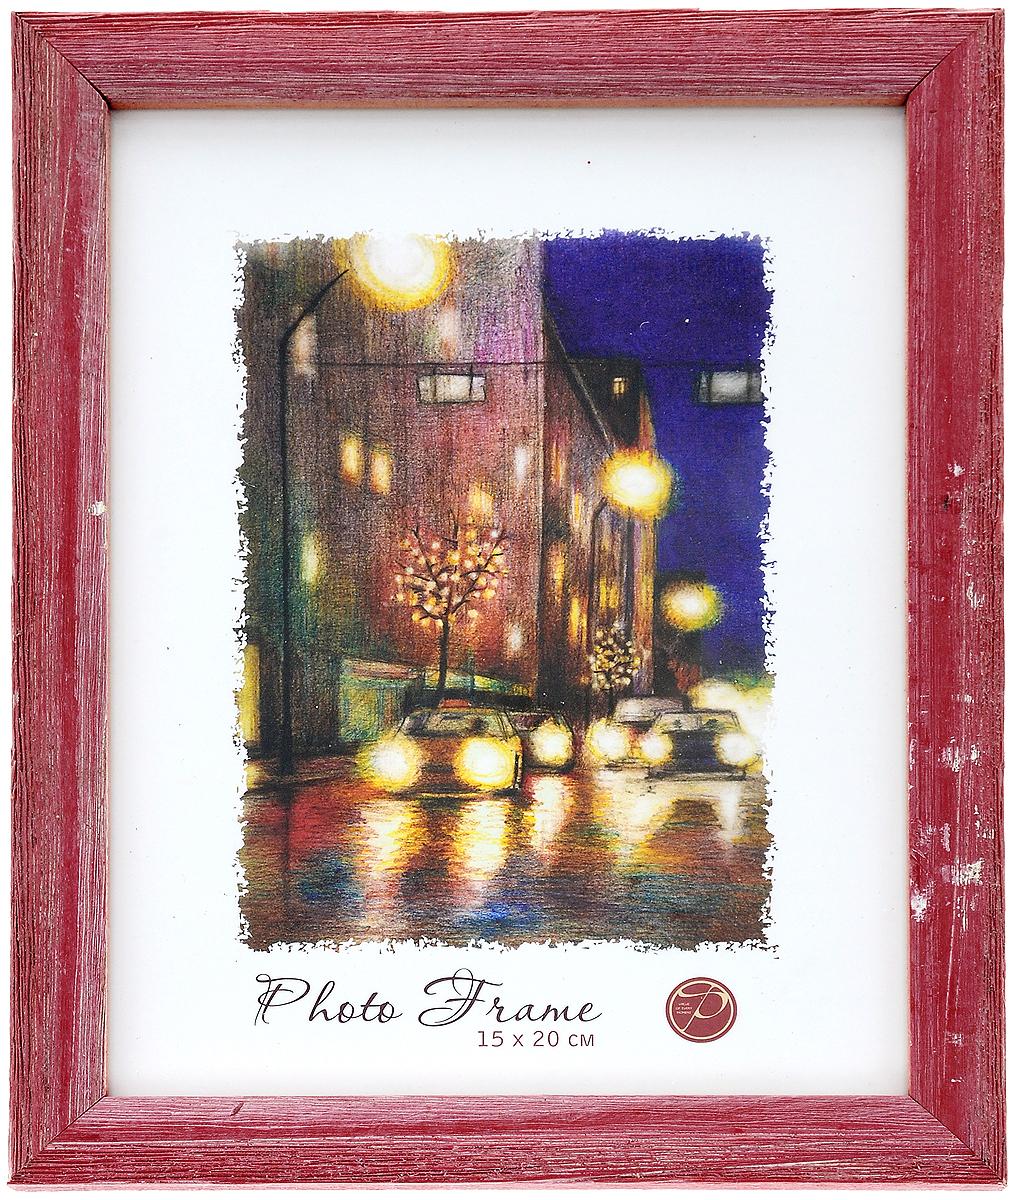 Фоторамка Pioneer Adele, цвет: красный, 15 x 20 см9589101_красныйФоторамка Pioneer Adele, выполненная из дерева, предназначена для фотографии размером 15 х 20 см. Стекло защищает фотографию. Задняя сторона рамки оснащена специальной ножкой, благодаря которой ее можно поставить на стол или любое другое место в доме или офисе. Также изделие имеет крепления для подвешивания на стену. Такая фоторамка поможет вам оригинально и стильно дополнить интерьер помещения, а также позволит сохранить память о дорогих вам людях и интересных событиях вашей жизни.Размер фоторамки: 22,2 х 17,2 см.